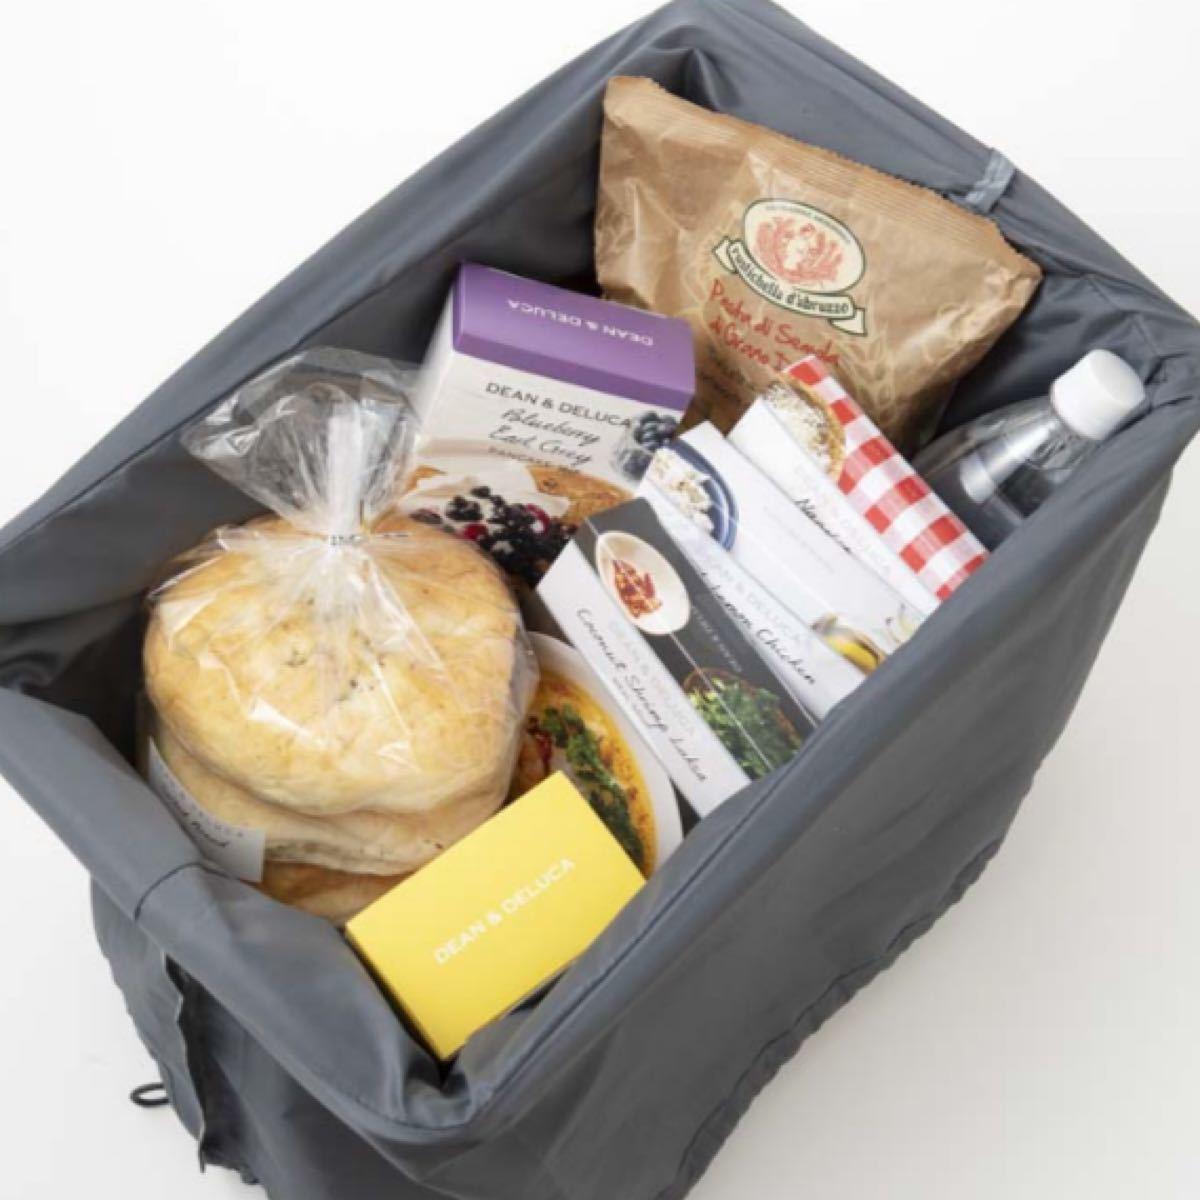 ディーンアンドデルーカ DEAN&DELUCA エコバッグ レジかごお買い物バッグ ストラップ付き保冷ボトルケース GLOW8月号